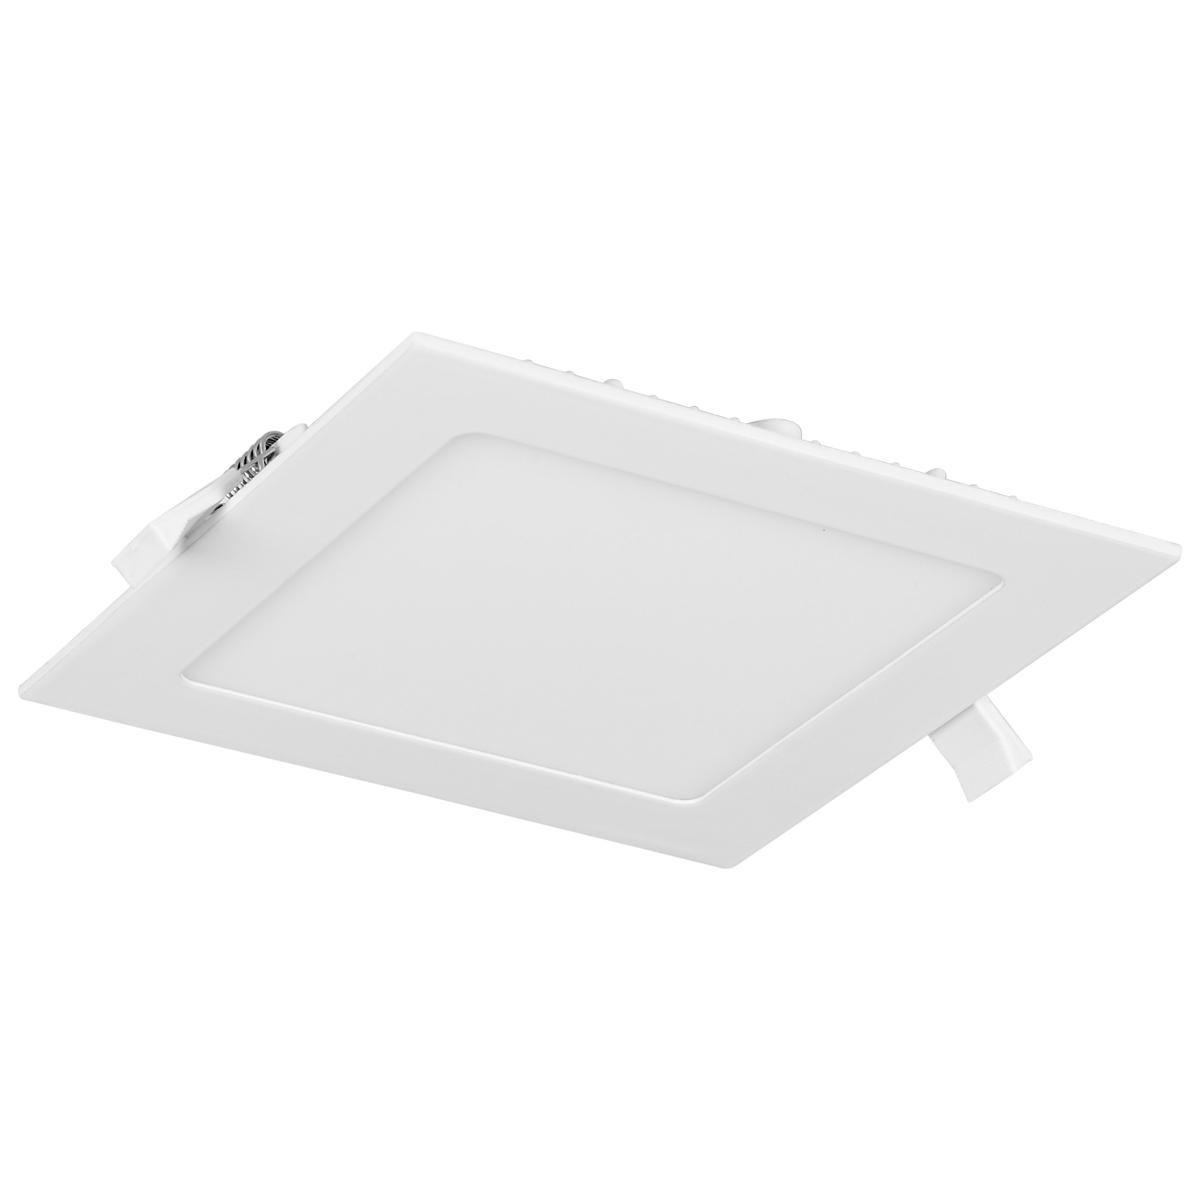 Luminária Plafon LED Embutir Quadrada 6W